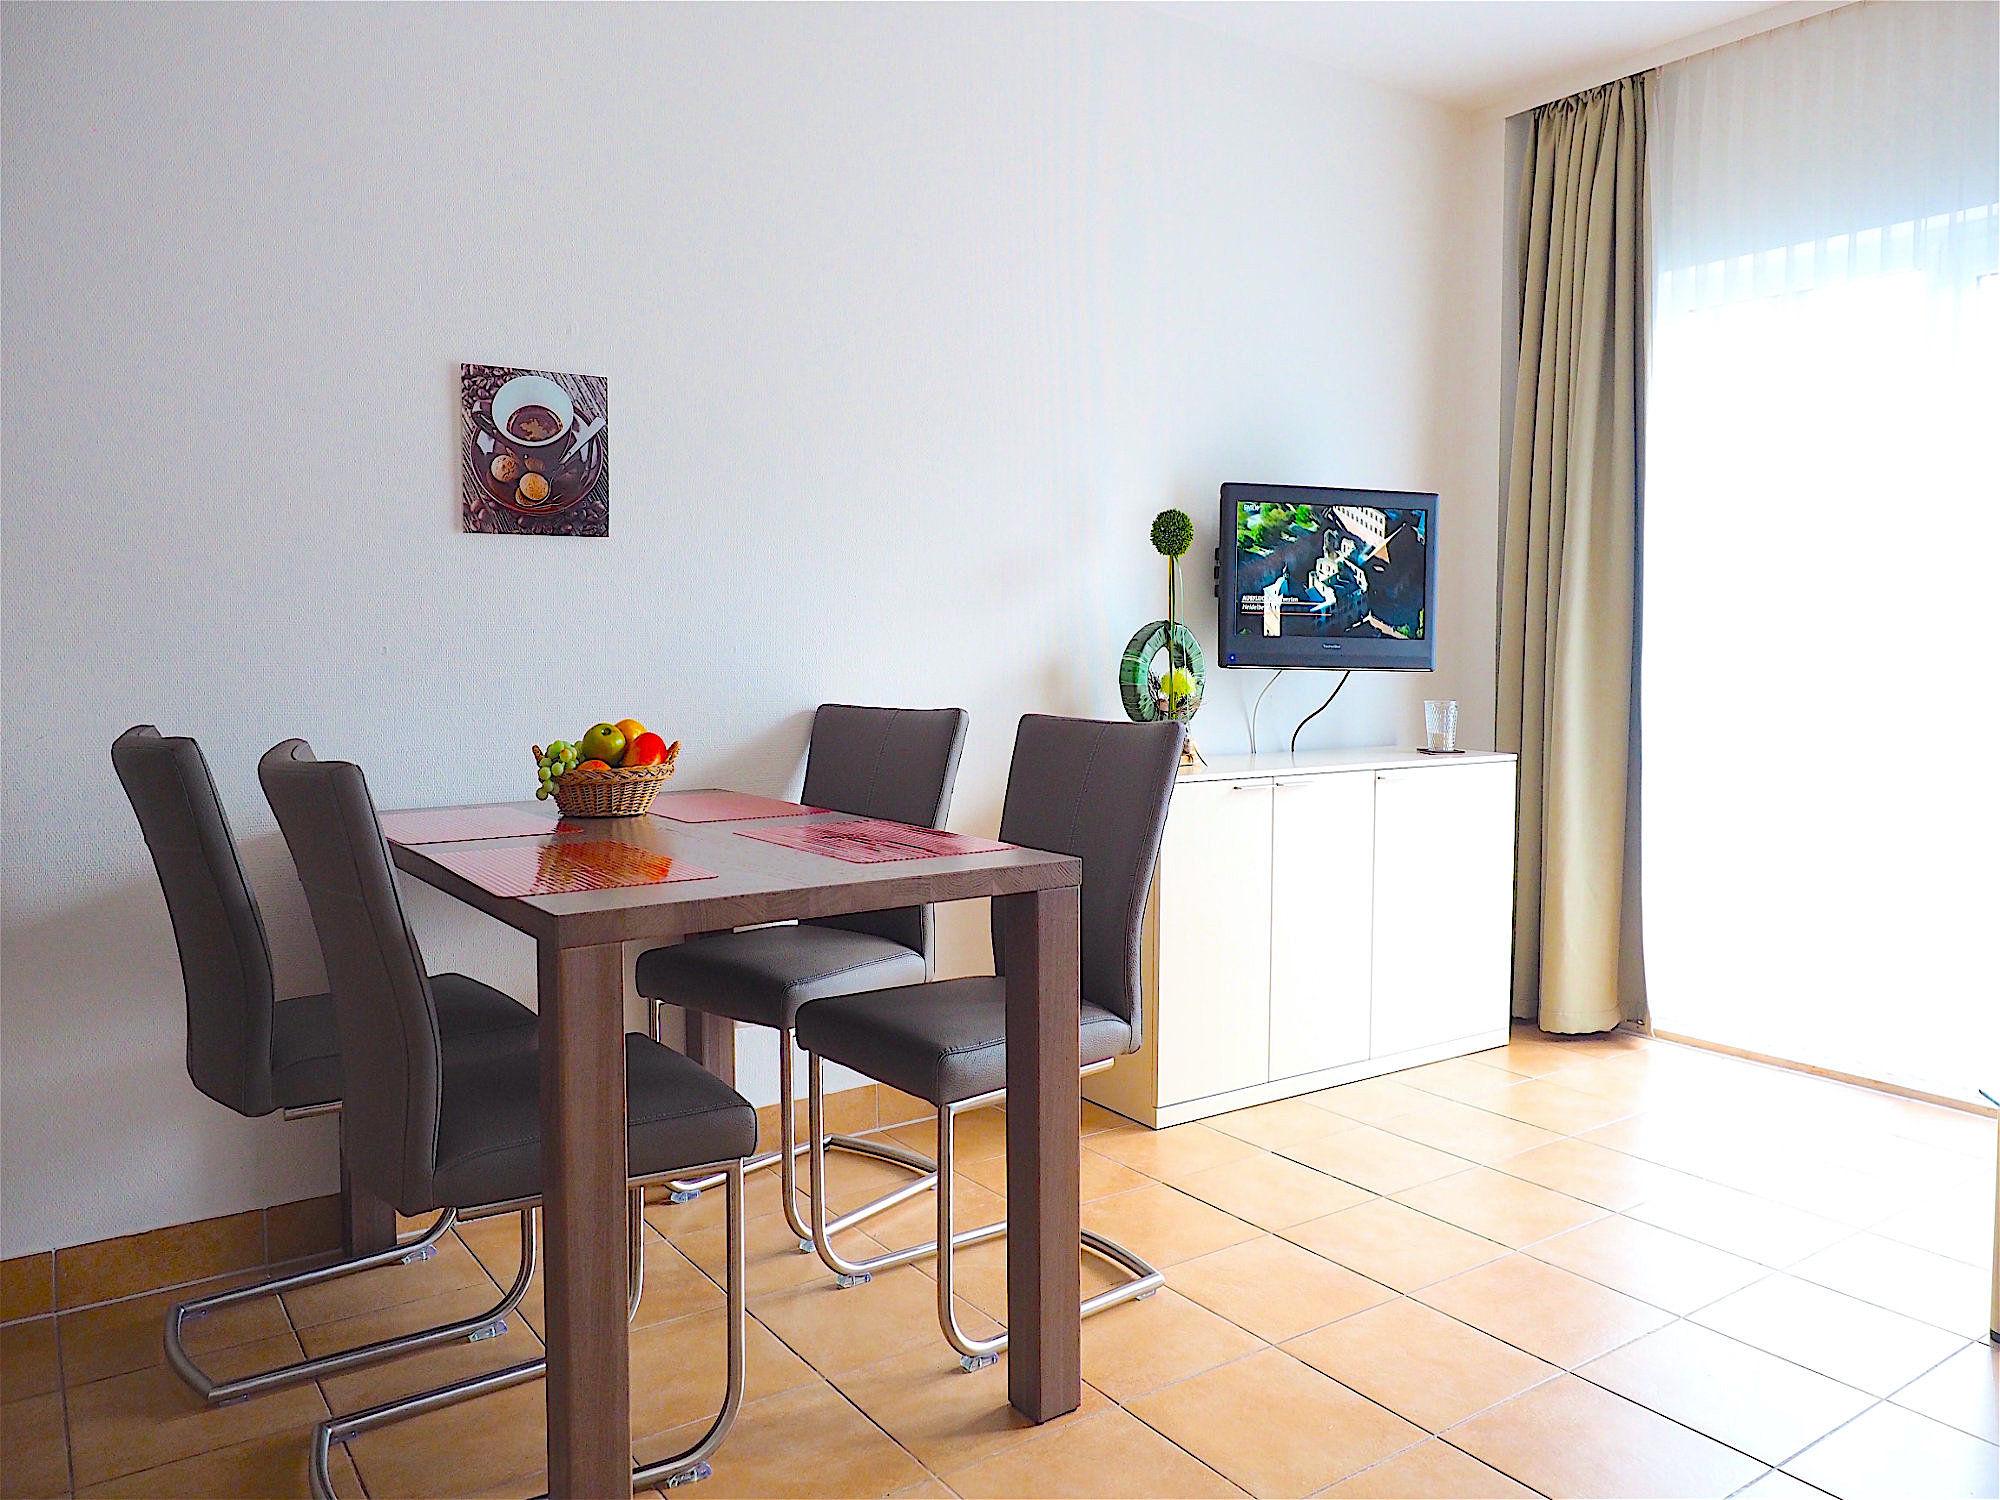 Esstisch mit vier Stühlen, daneben steht ein Sideboard mit Flatscreen TV, rechts davon befinden sich bodentiefe Fenster